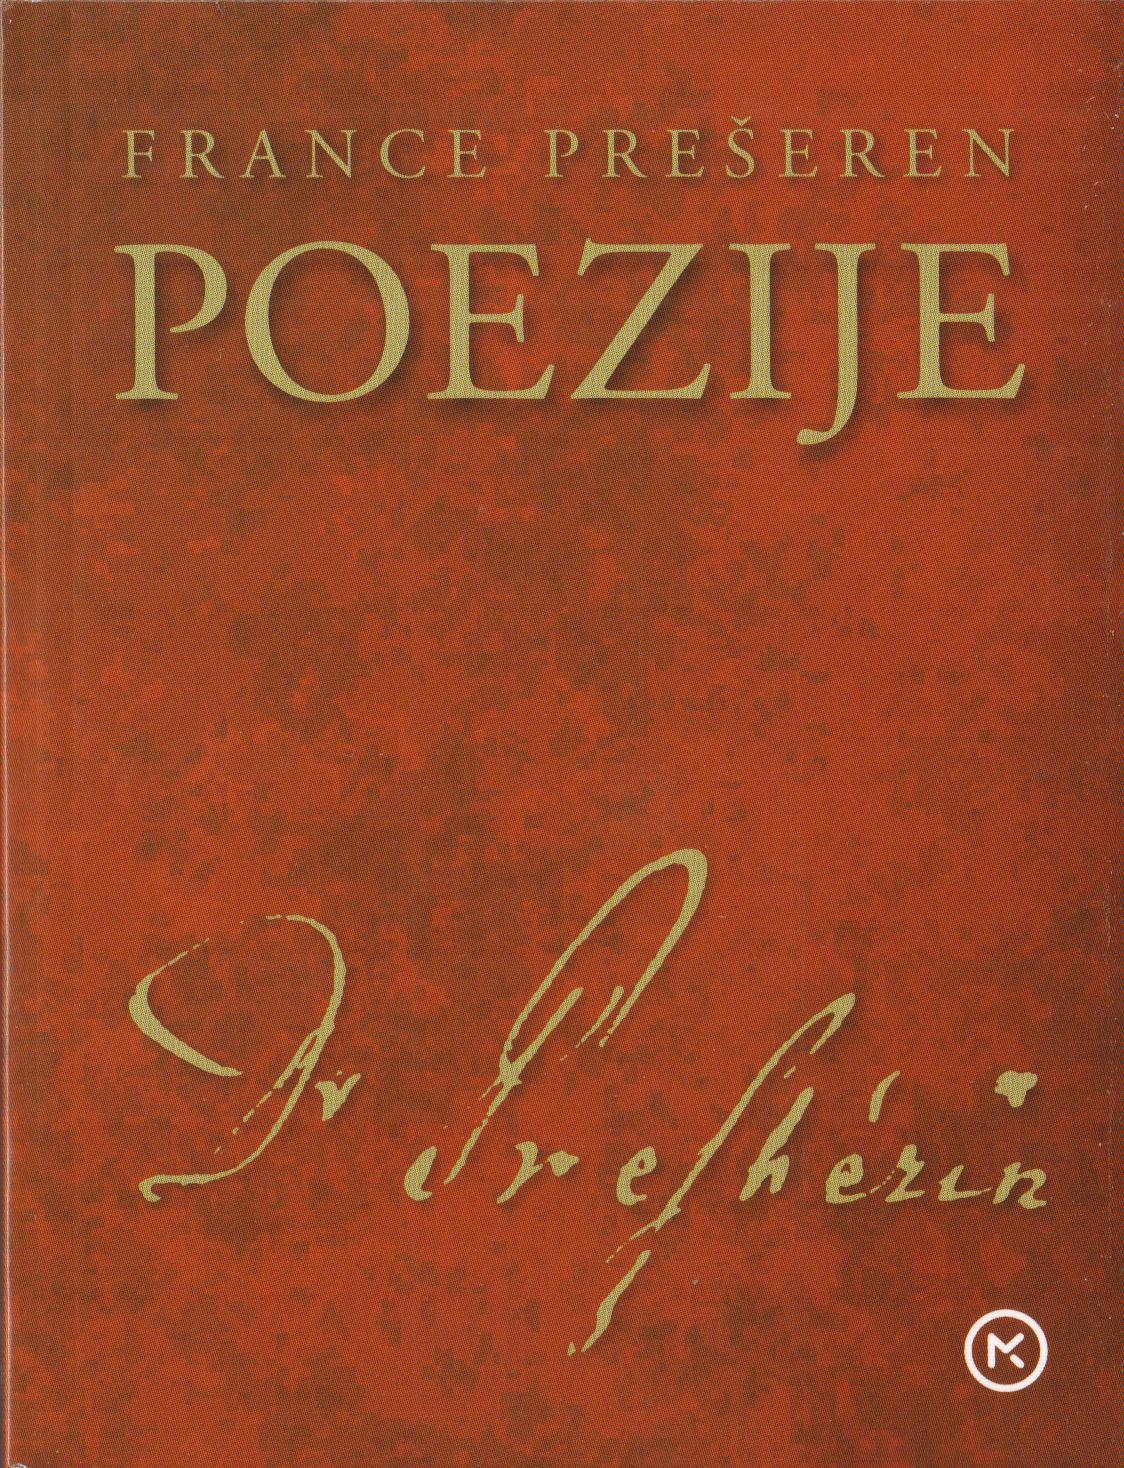 (Slovenski) Poezije male